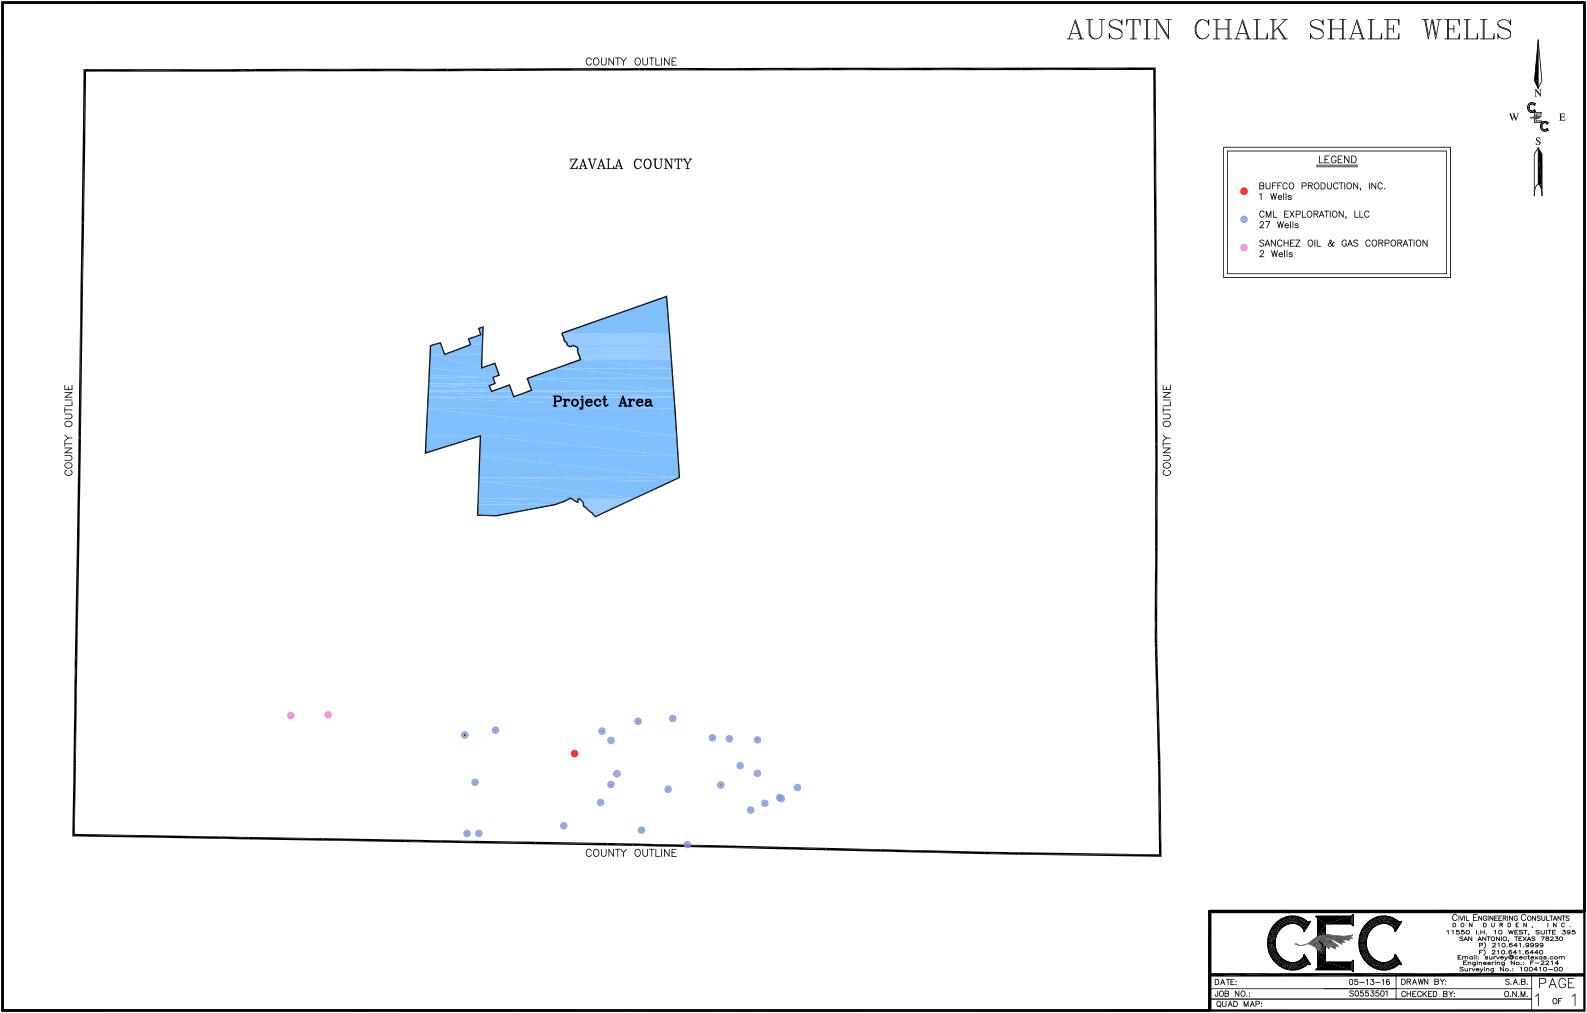 AUSTIN-CHALK-ACTIVITY-ZAVALA-COUNTY-MAP-3.jpg